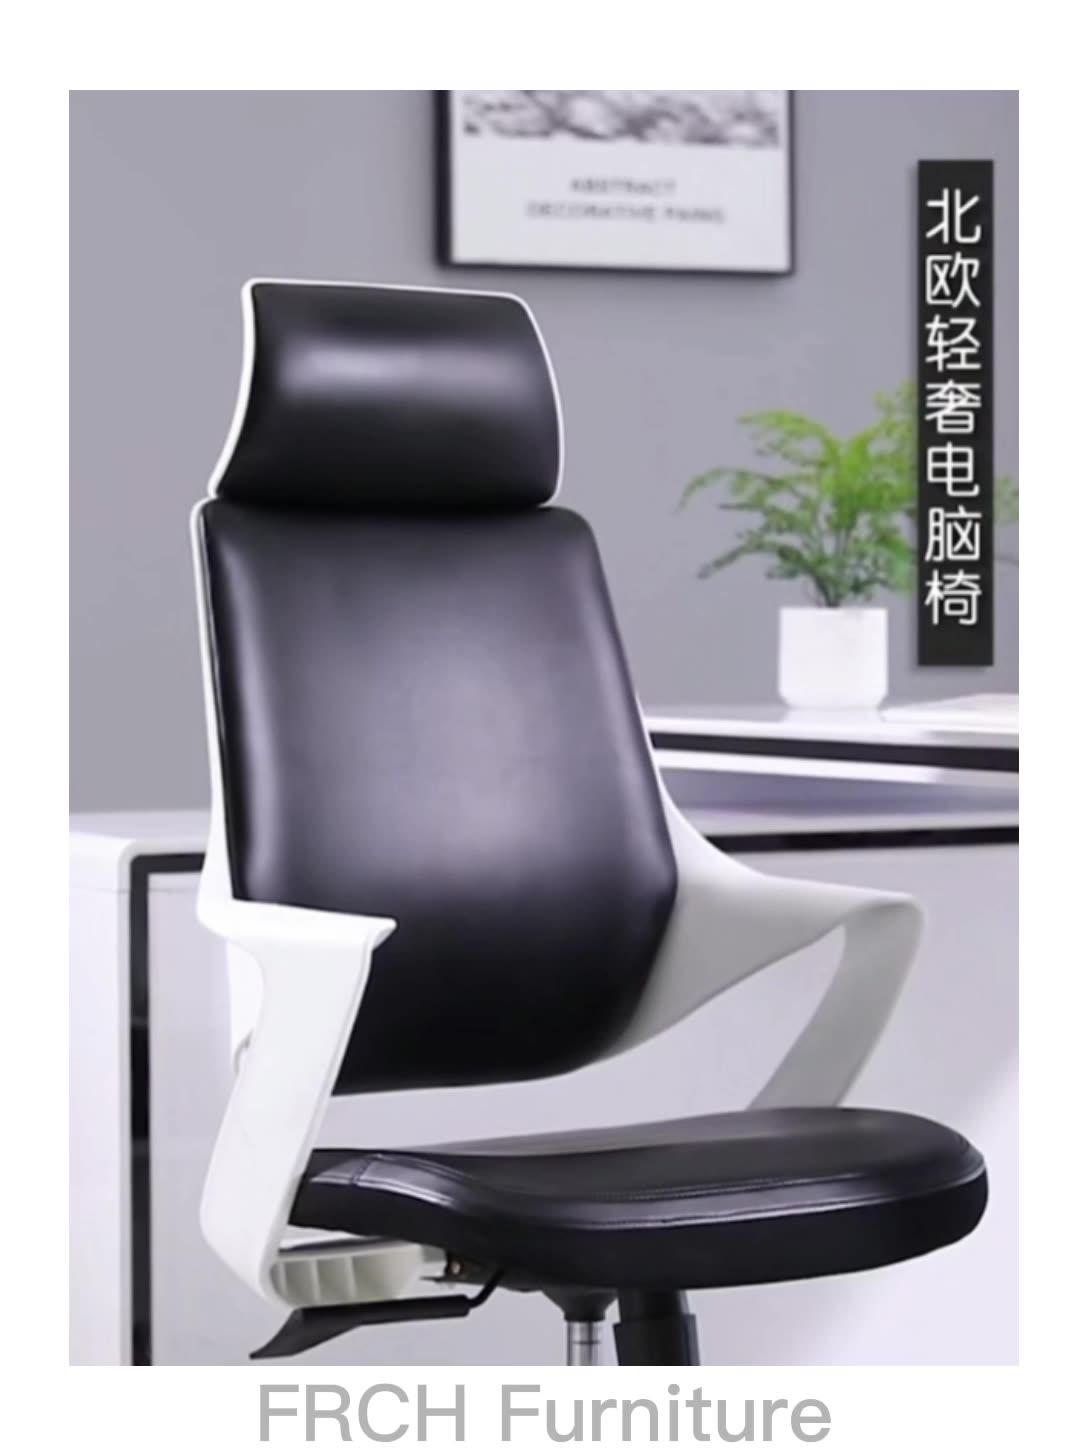 Ayarlanabilir kaldırma döner yüksek geri lüks deri ergonomik uzanmış büro sandalyeleri kol dayama ile